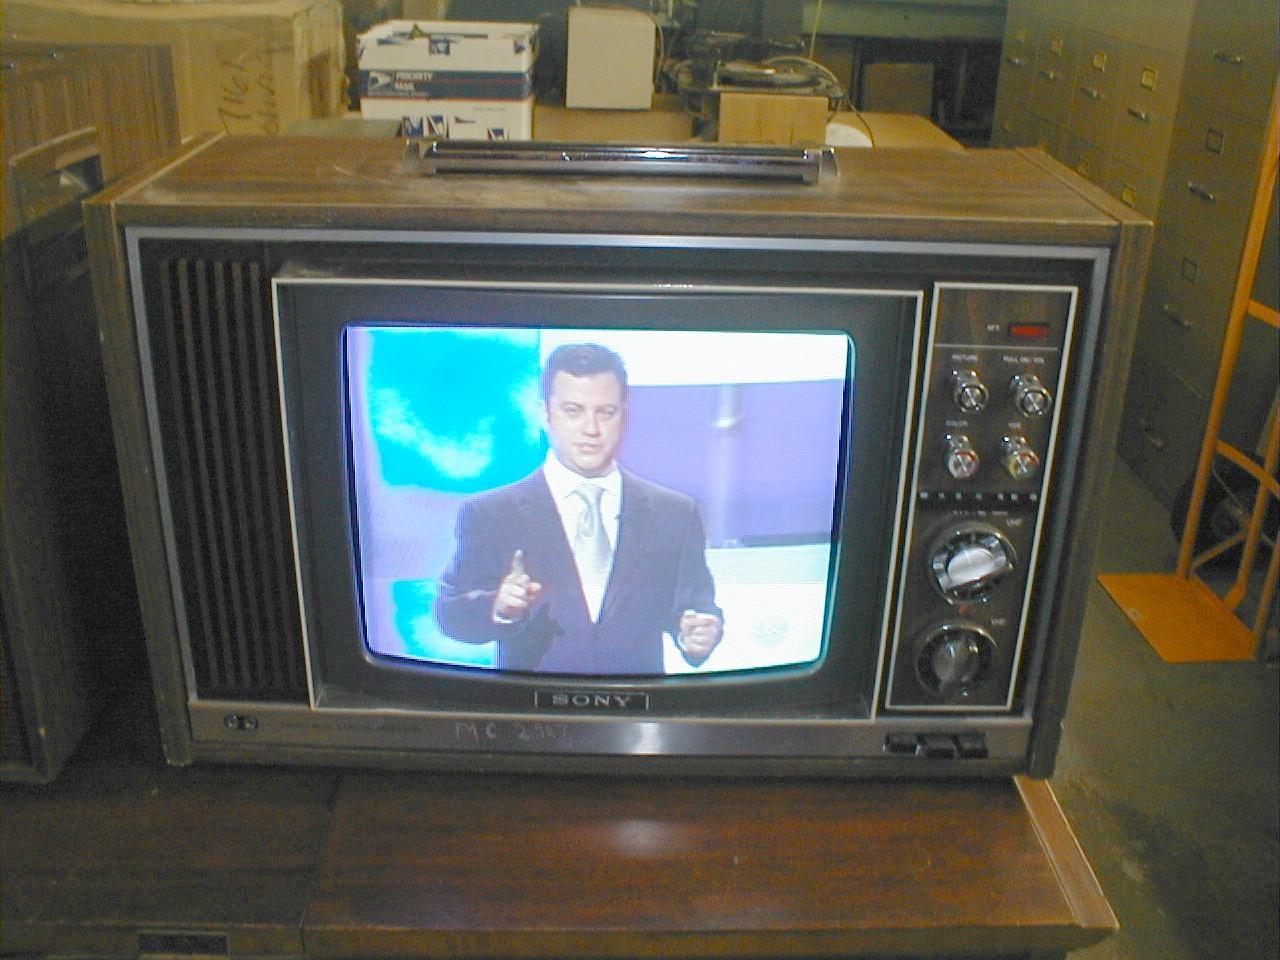 S E C C Ebc E E D E on Zenith System 3 Television